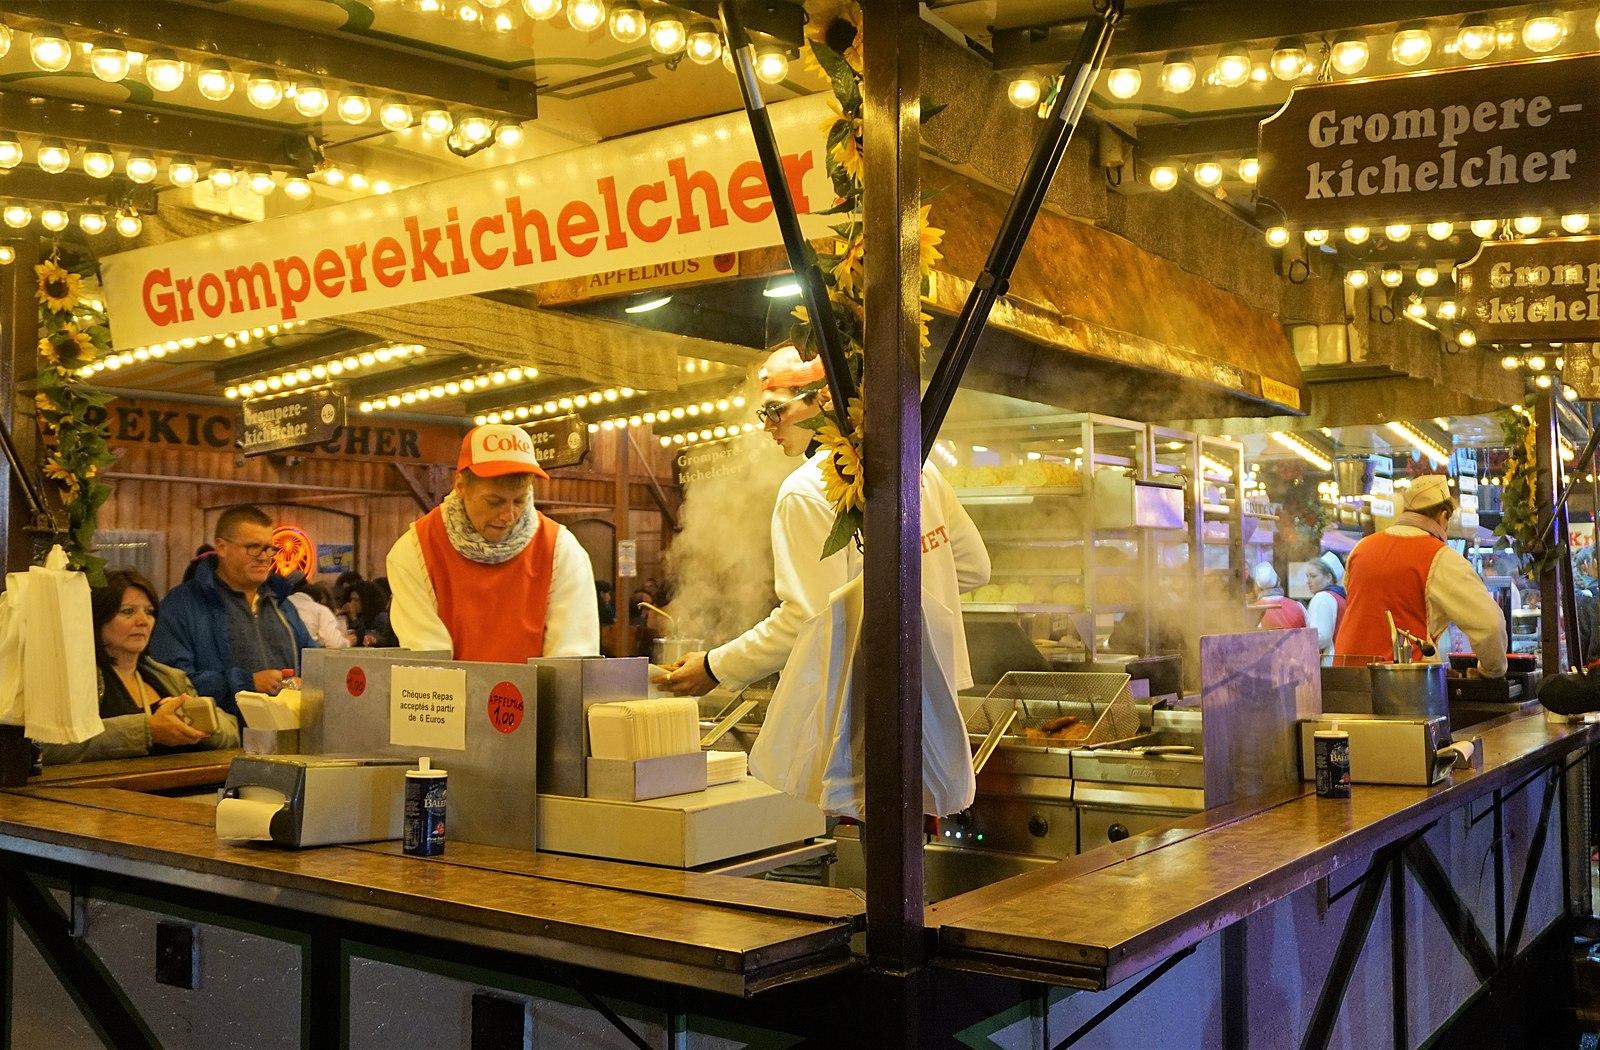 Gromperekichelcher at market